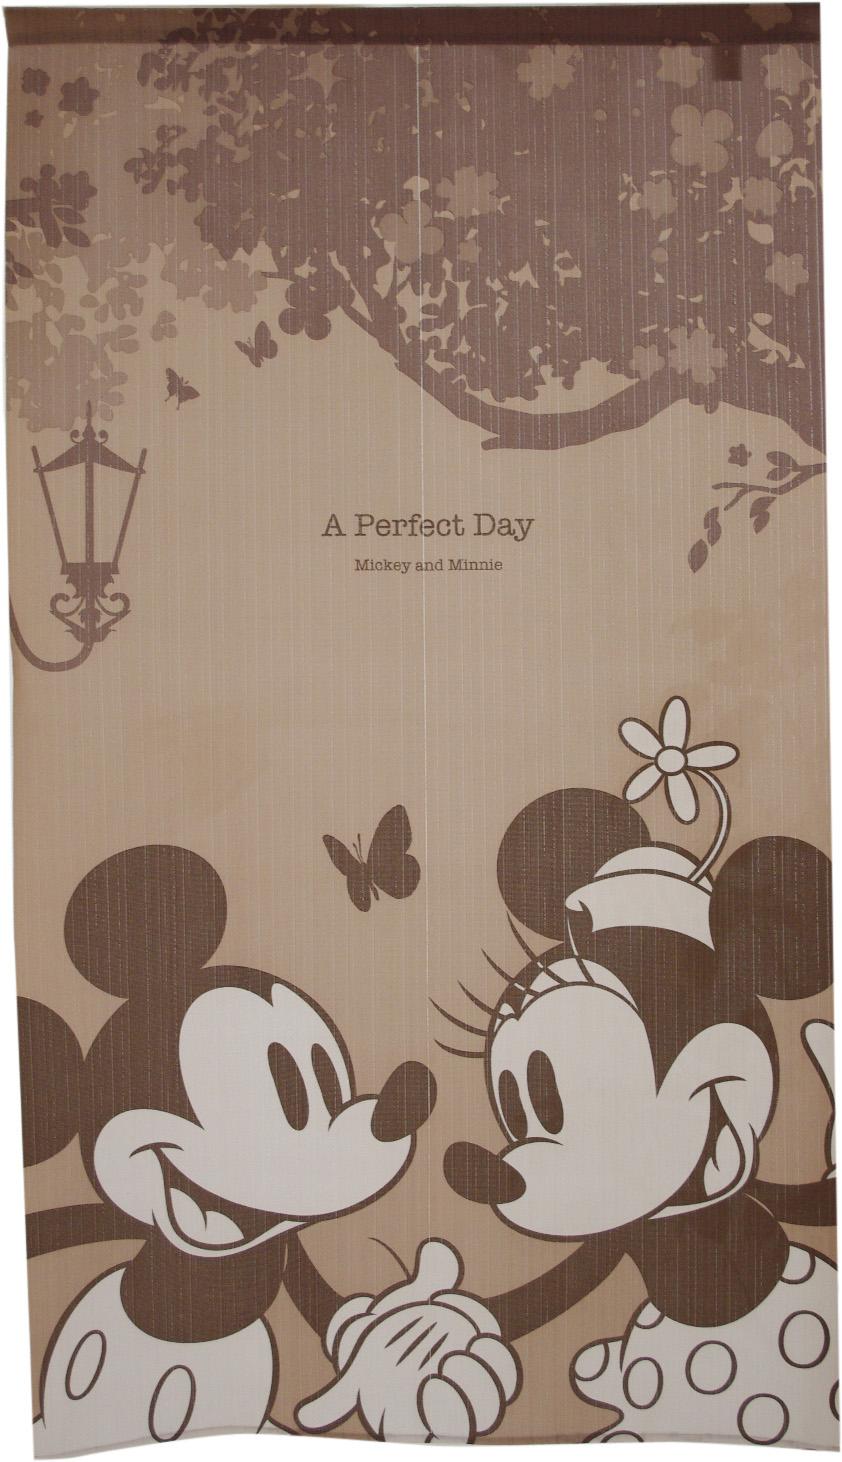 のれん   150cm丈 ディズニー 「A Perfect Day」【日本製】 コスモ 目隠し